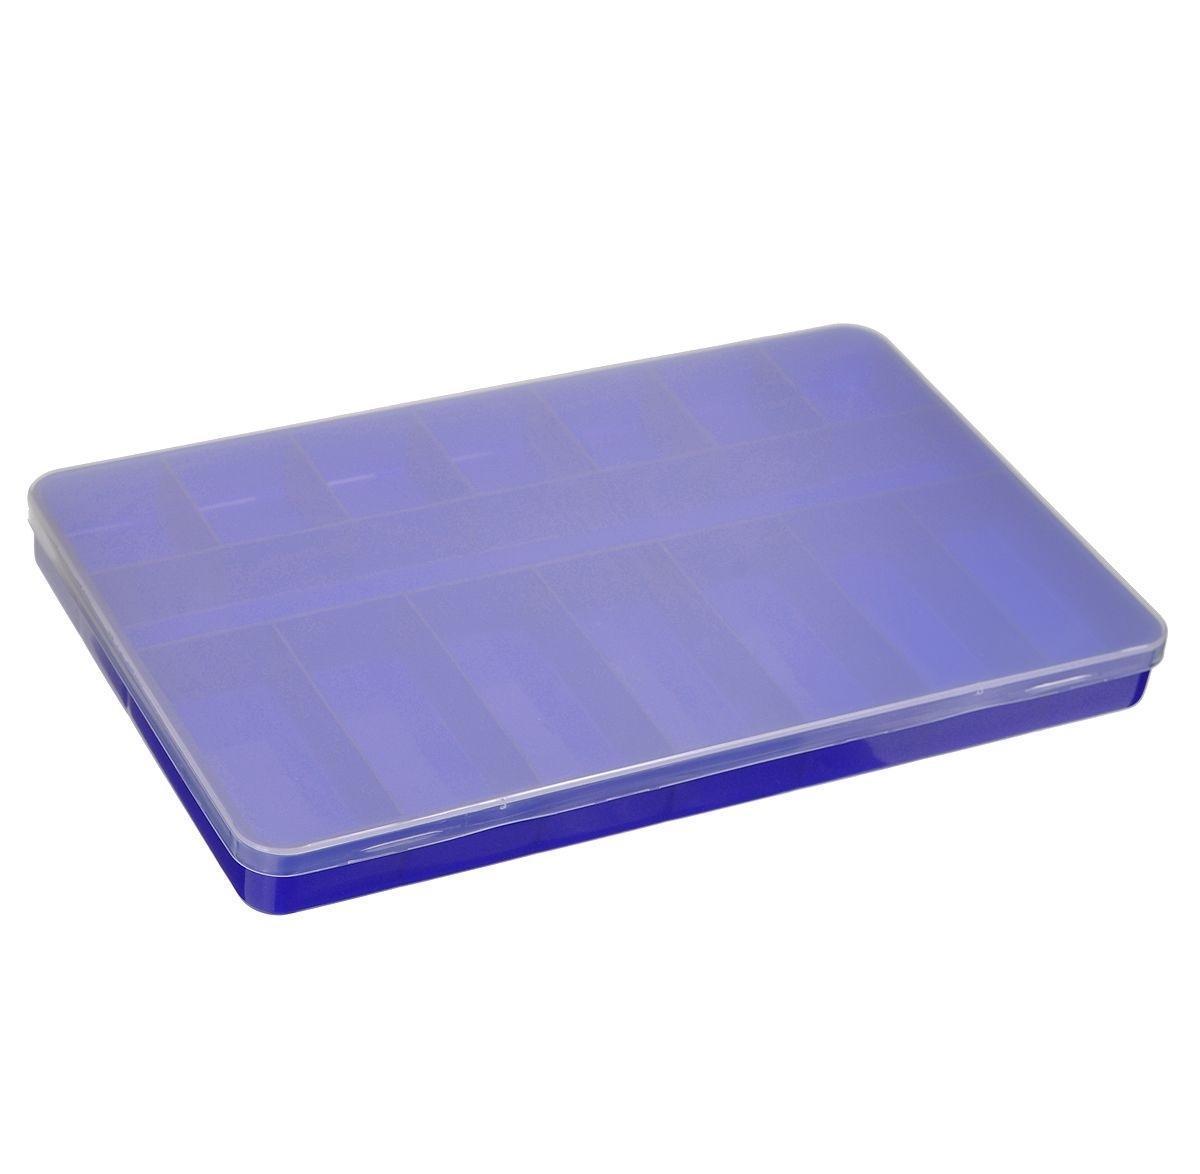 Контейнер для мелочей Trivol, цвет: сине-фиолетовый, прозрачный, 23 х 14 х 2 см 677255677255_фиолетовыйКонтейнер для мелочей Trivol изготовлен из прочного полипропилена. Предназначен для хранения мелких бытовых мелочей, принадлежностей для шитья. Контейнер оснащен плотно закрывающейся крышкой, которая предотвратит просыпание и потерю мелких вещиц. Контейнер имеет одно вытянутое, 7 прямоугольных и 7 квадратных секций. Контейнер для мелочей сохранит ваши вещи в порядке. Размер самой большой секции: 22,3 см х 22,7 см х 2 см. Размер самой маленькой секции: 3,5 см х 3 см х 2 см.